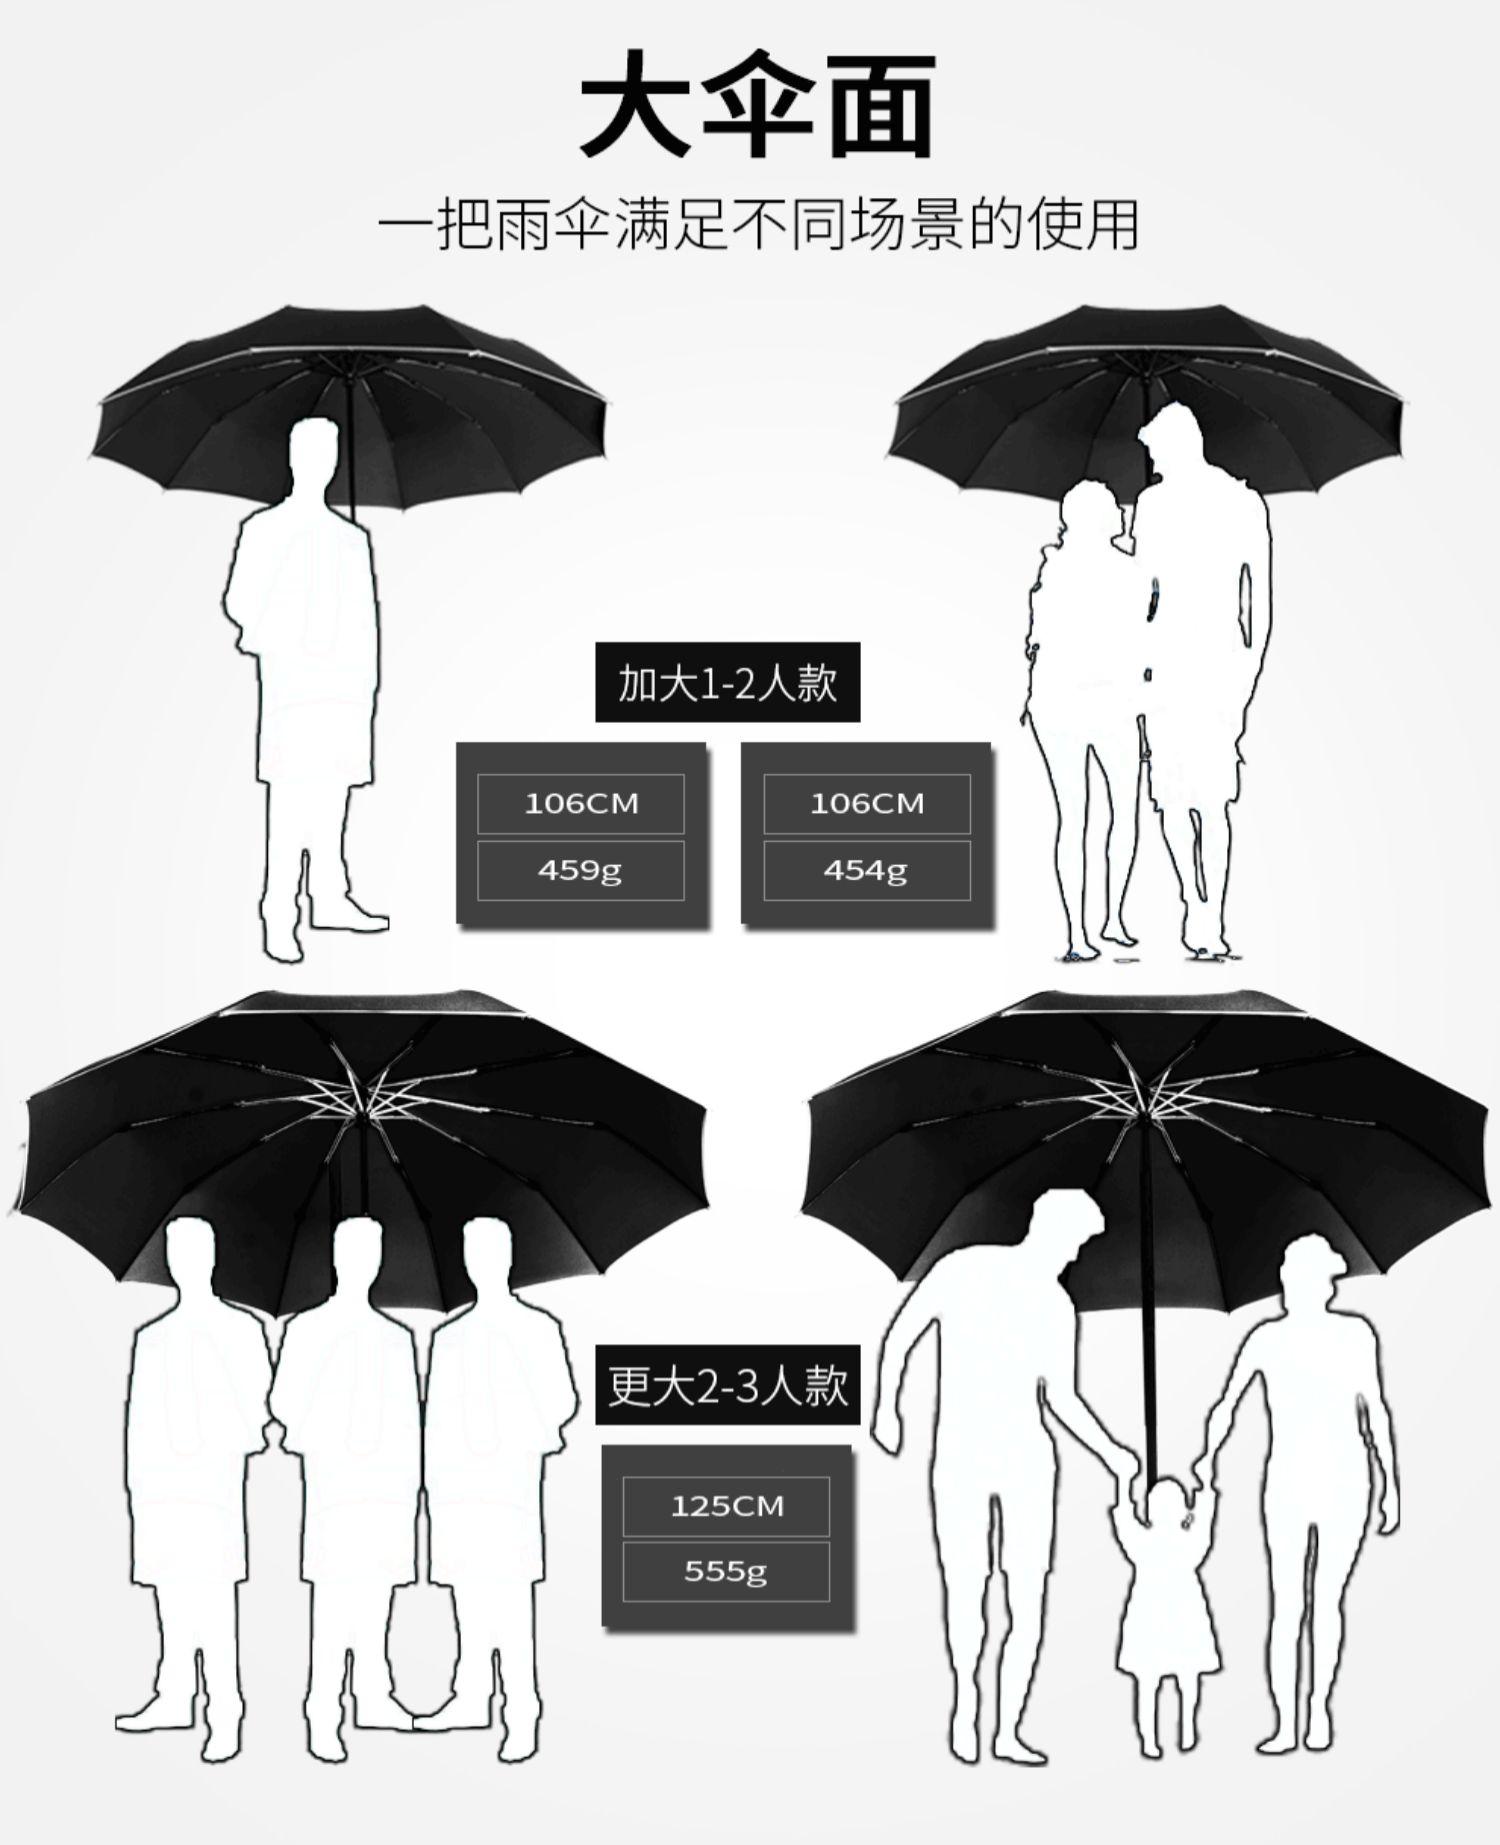 【宝迪妮】全自动折叠晴雨两用太阳伞